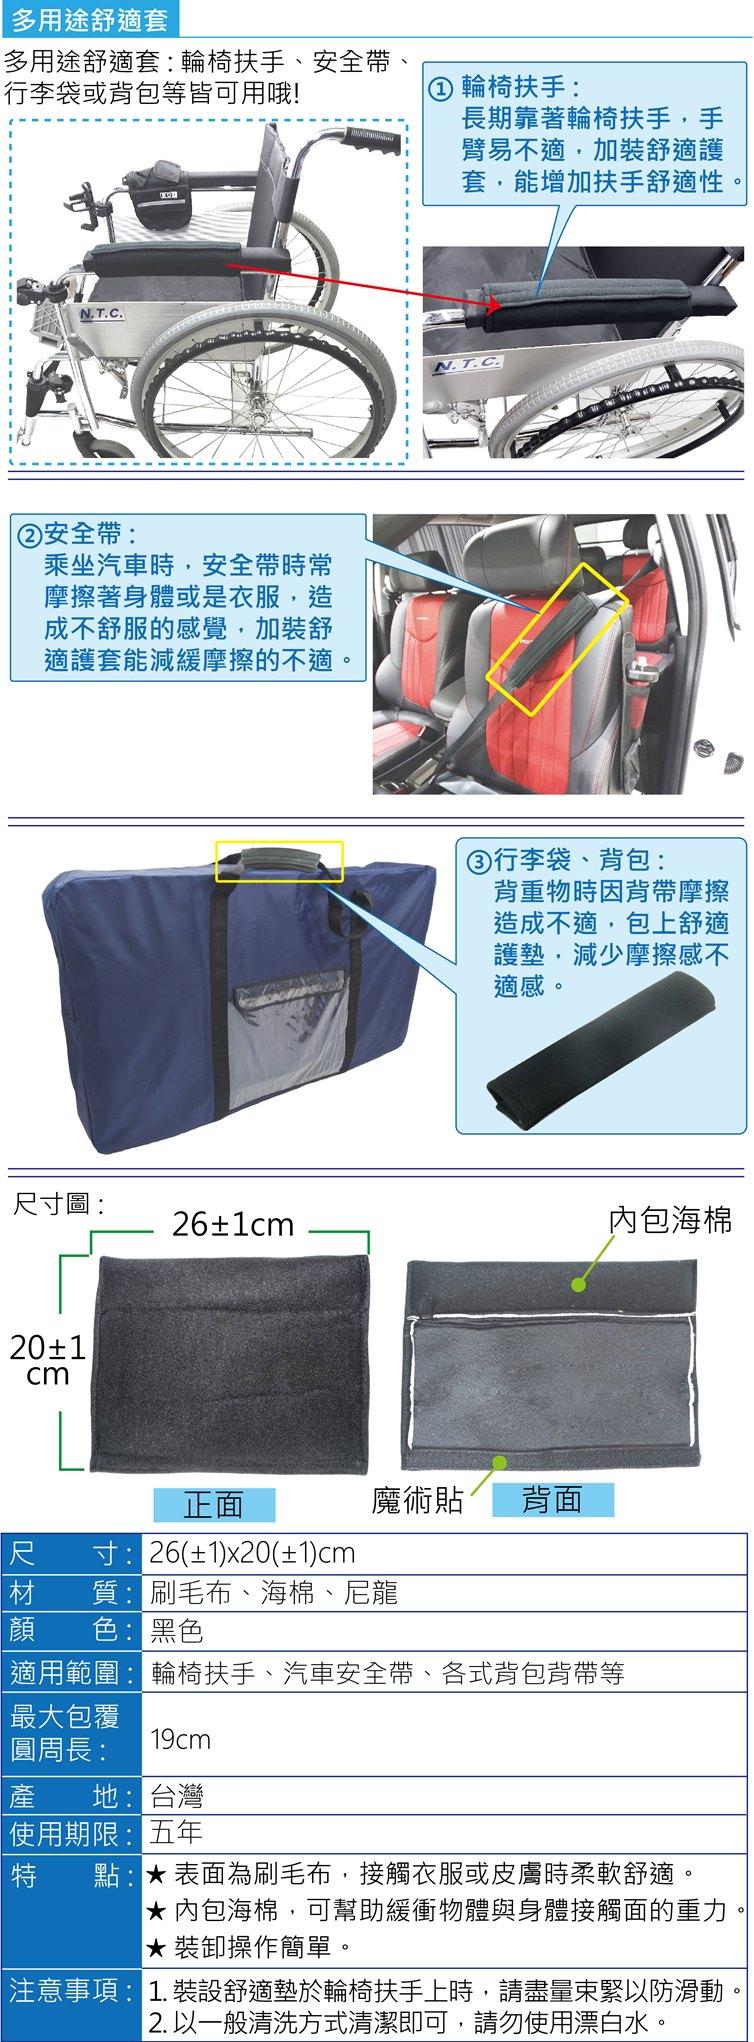 多用途舒適套:椅子扶手、輪椅扶手、背包背帶、汽車安全帶等等,接觸面積時感不適,幫助緩衝重力、壓力、摩擦力